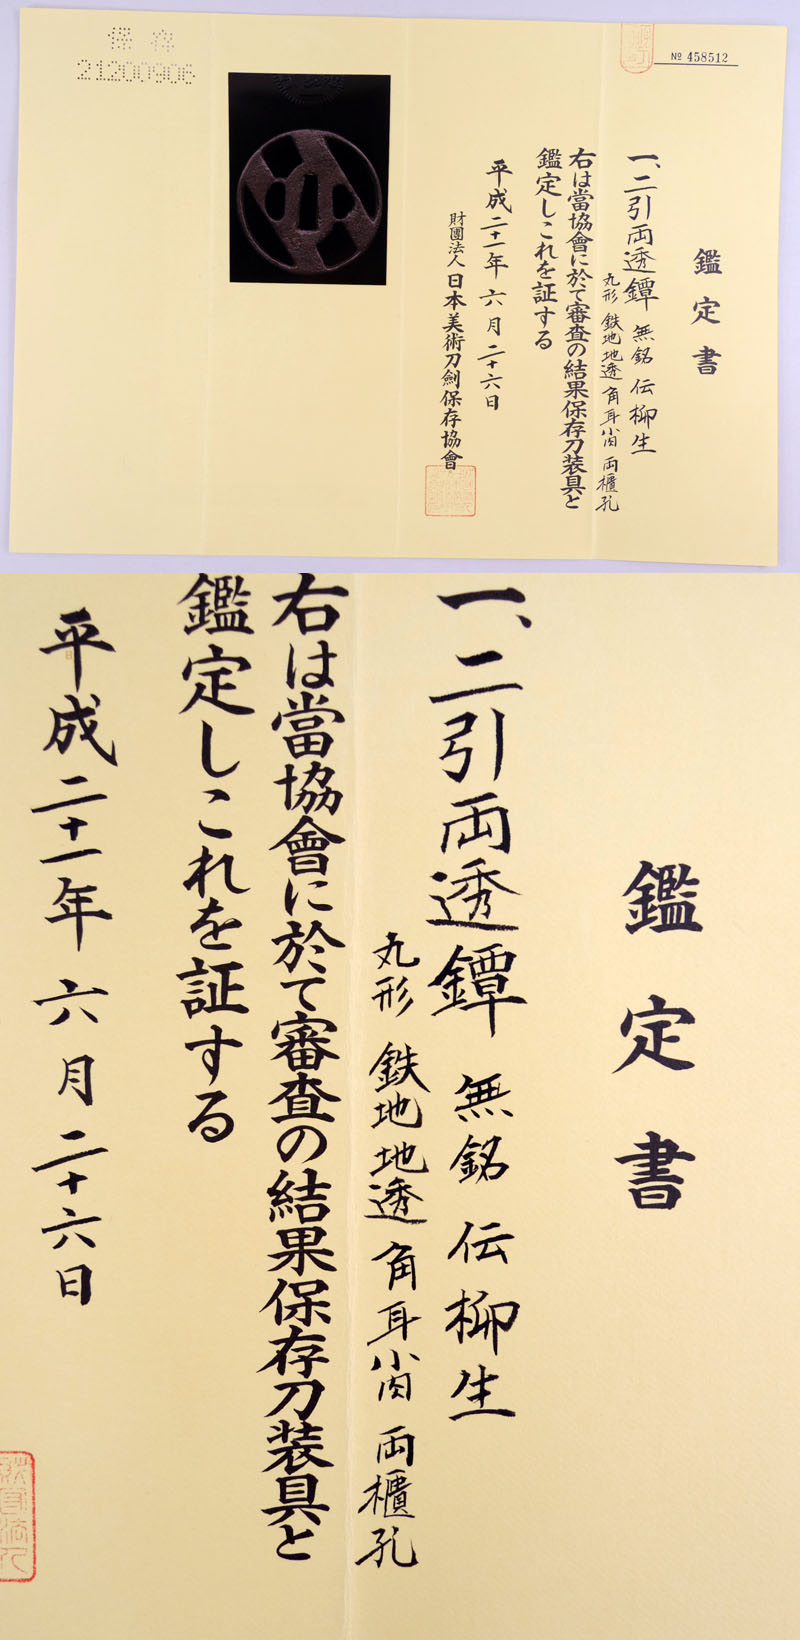 二引両透鍔 無銘 伝柳生 Picture of Certificate